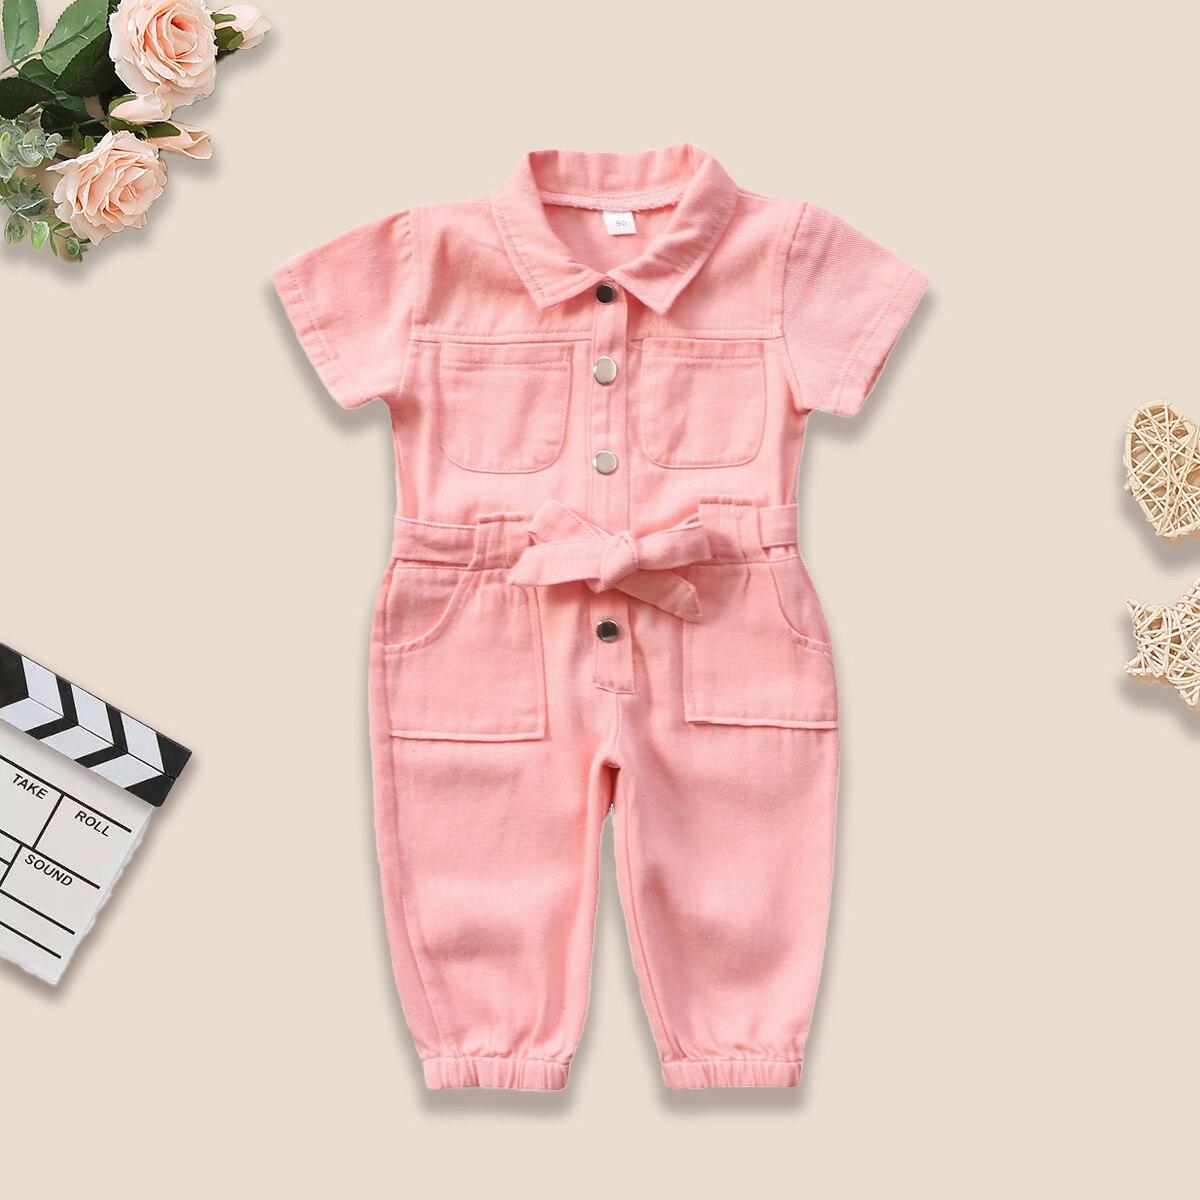 תינוקת סרבל Romper כפתור ורוד כיס בגדי עבודה מזדמן חתיכה אחת עומד צווארון כיס קצר שרוול פעוט בגדים